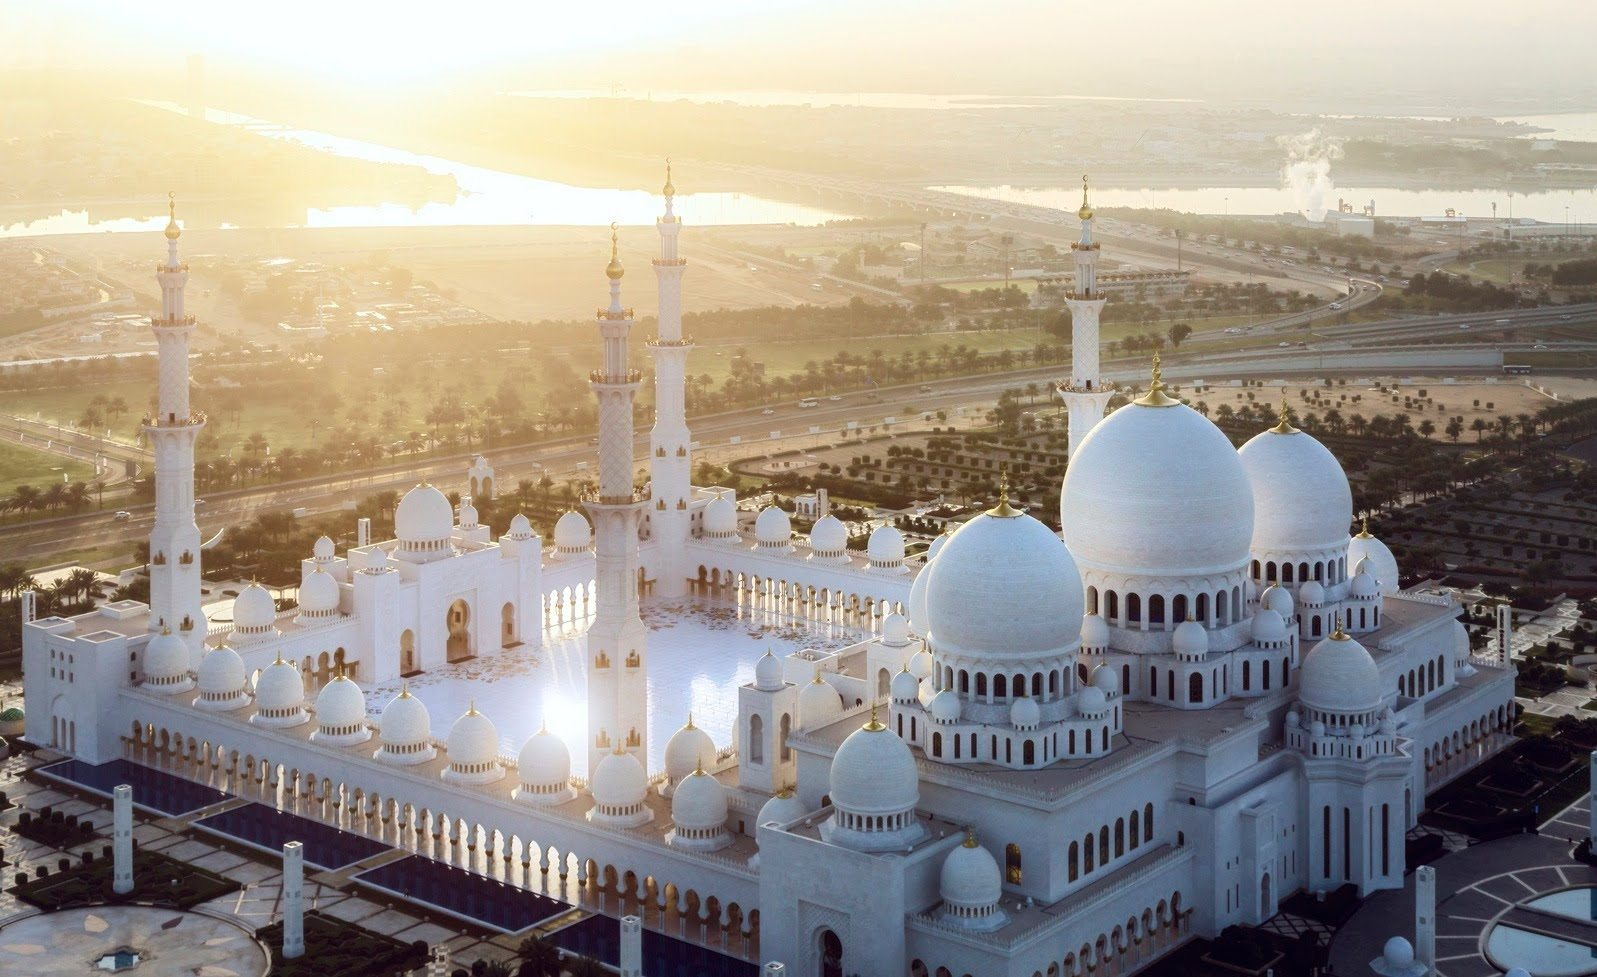 مسجد الشيخ زأيد أبوظبي الامارات